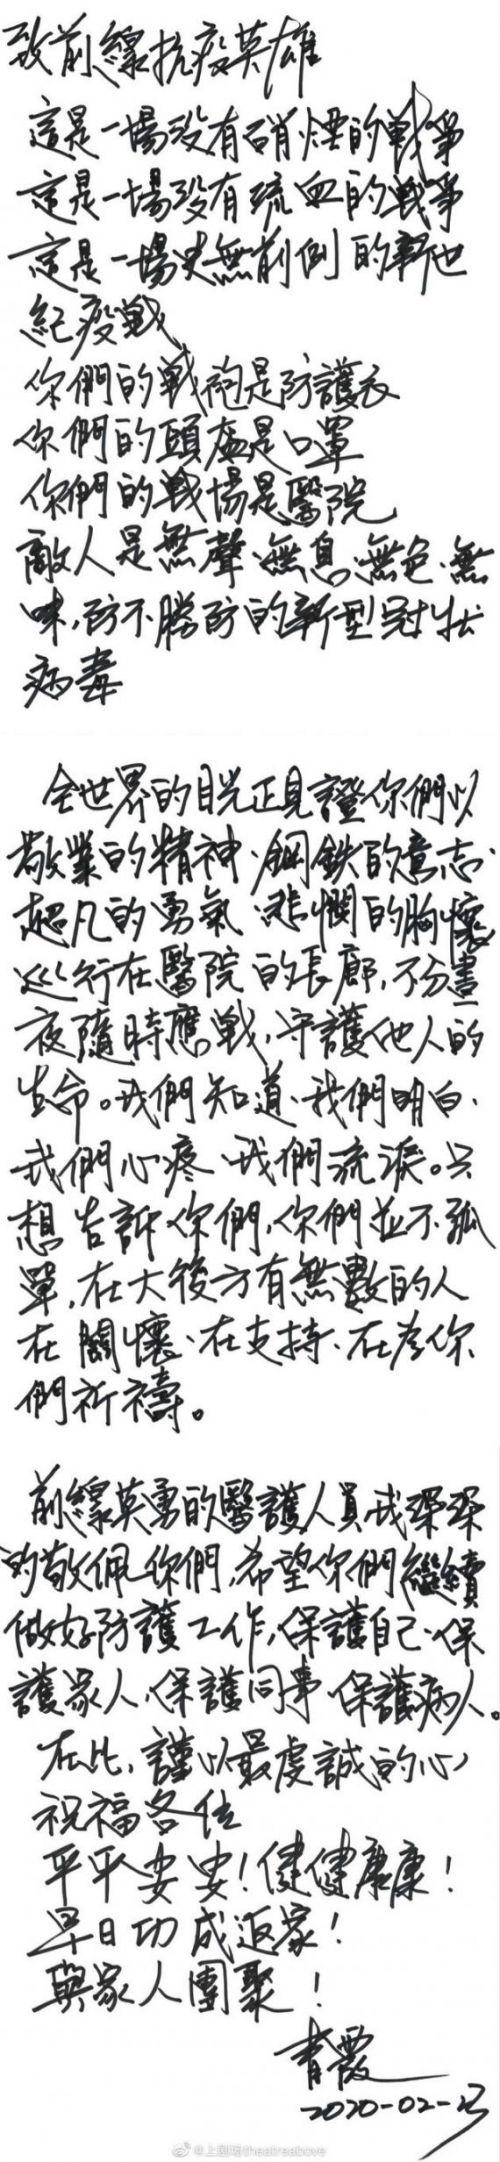 林青霞写信致敬前线抗疫英雄说了什么?林青霞手写信全文曝光